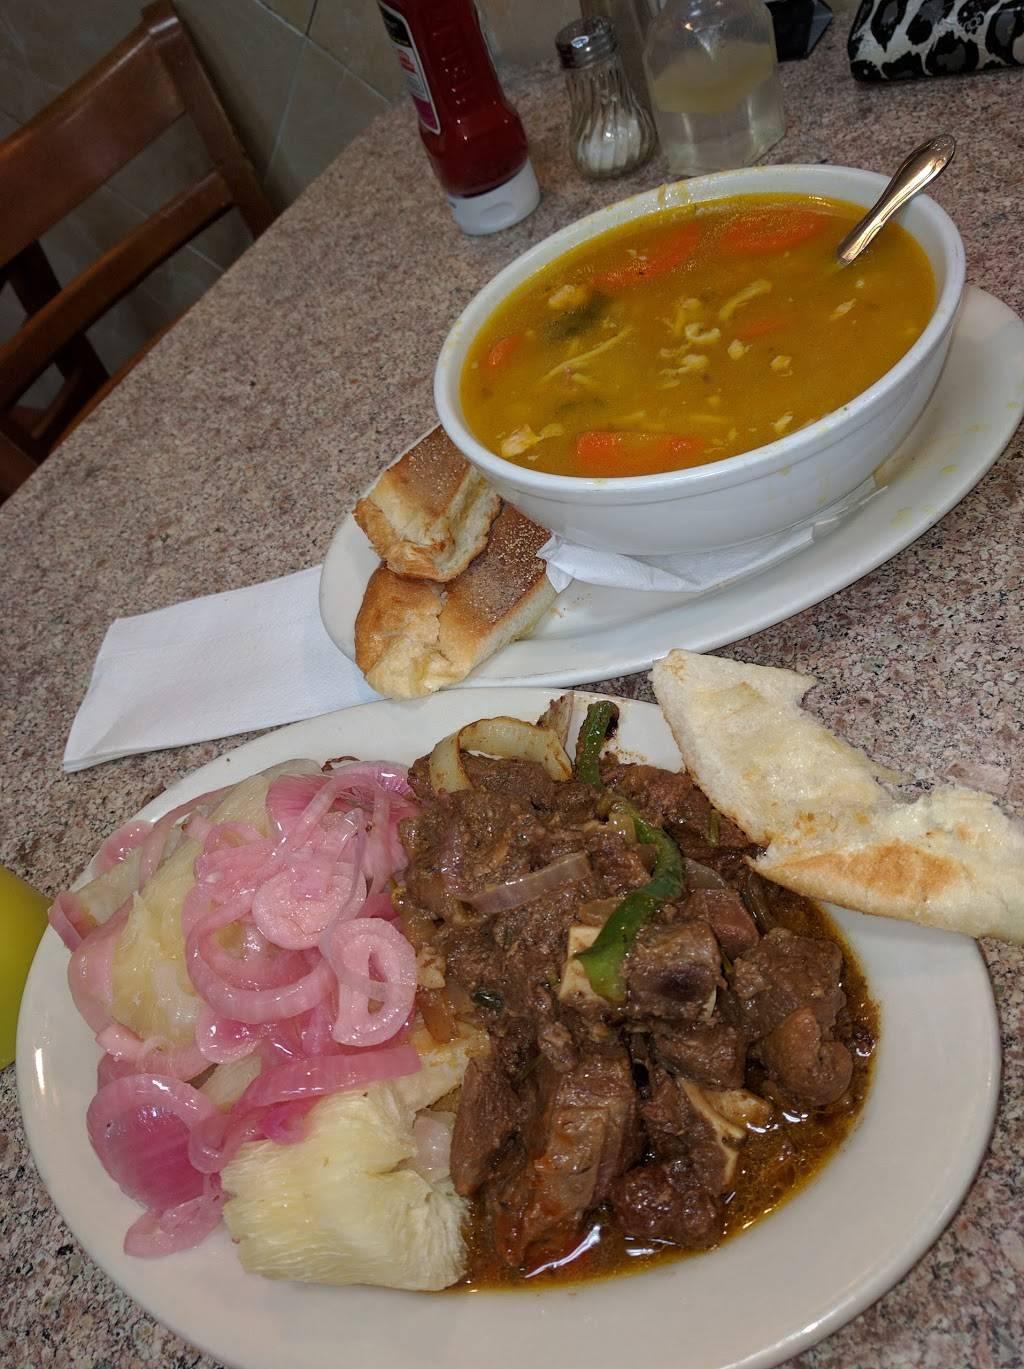 El Barrio Lechonera | restaurant | 172 E 103rd St, New York, NY 10029, USA | 2127221344 OR +1 212-722-1344